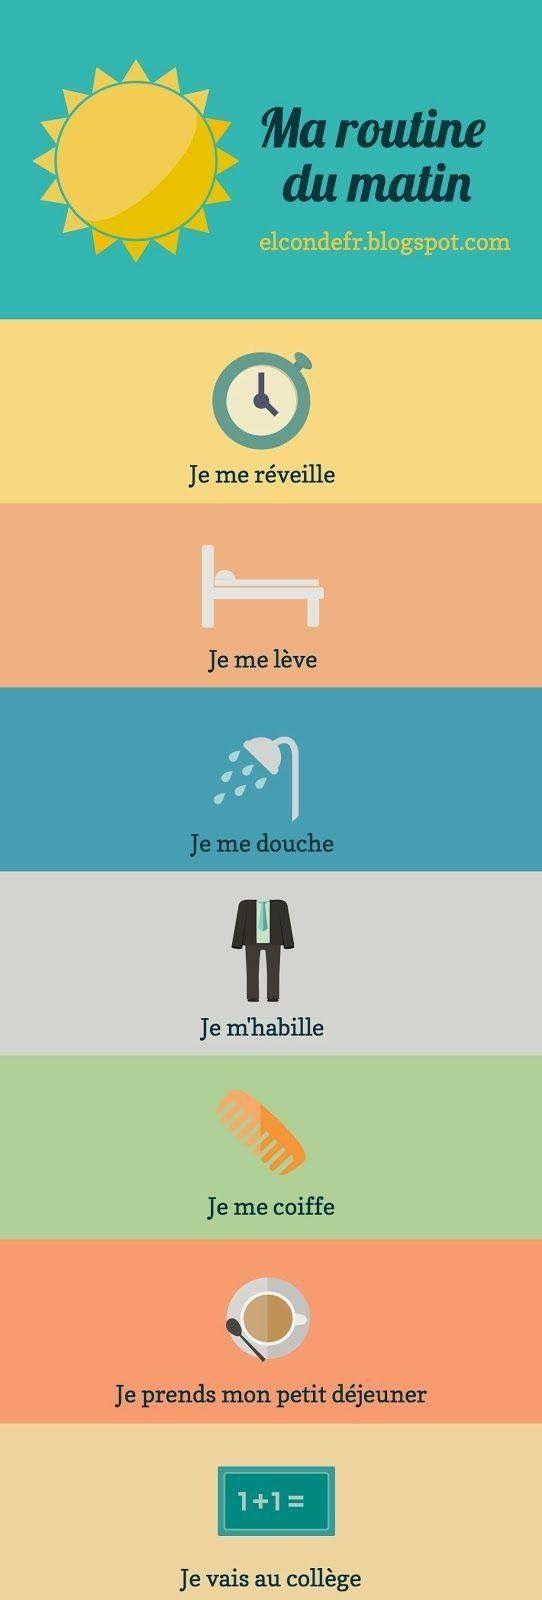 50 besten La routine Bilder auf Pinterest | Sprachen, Französisch ...